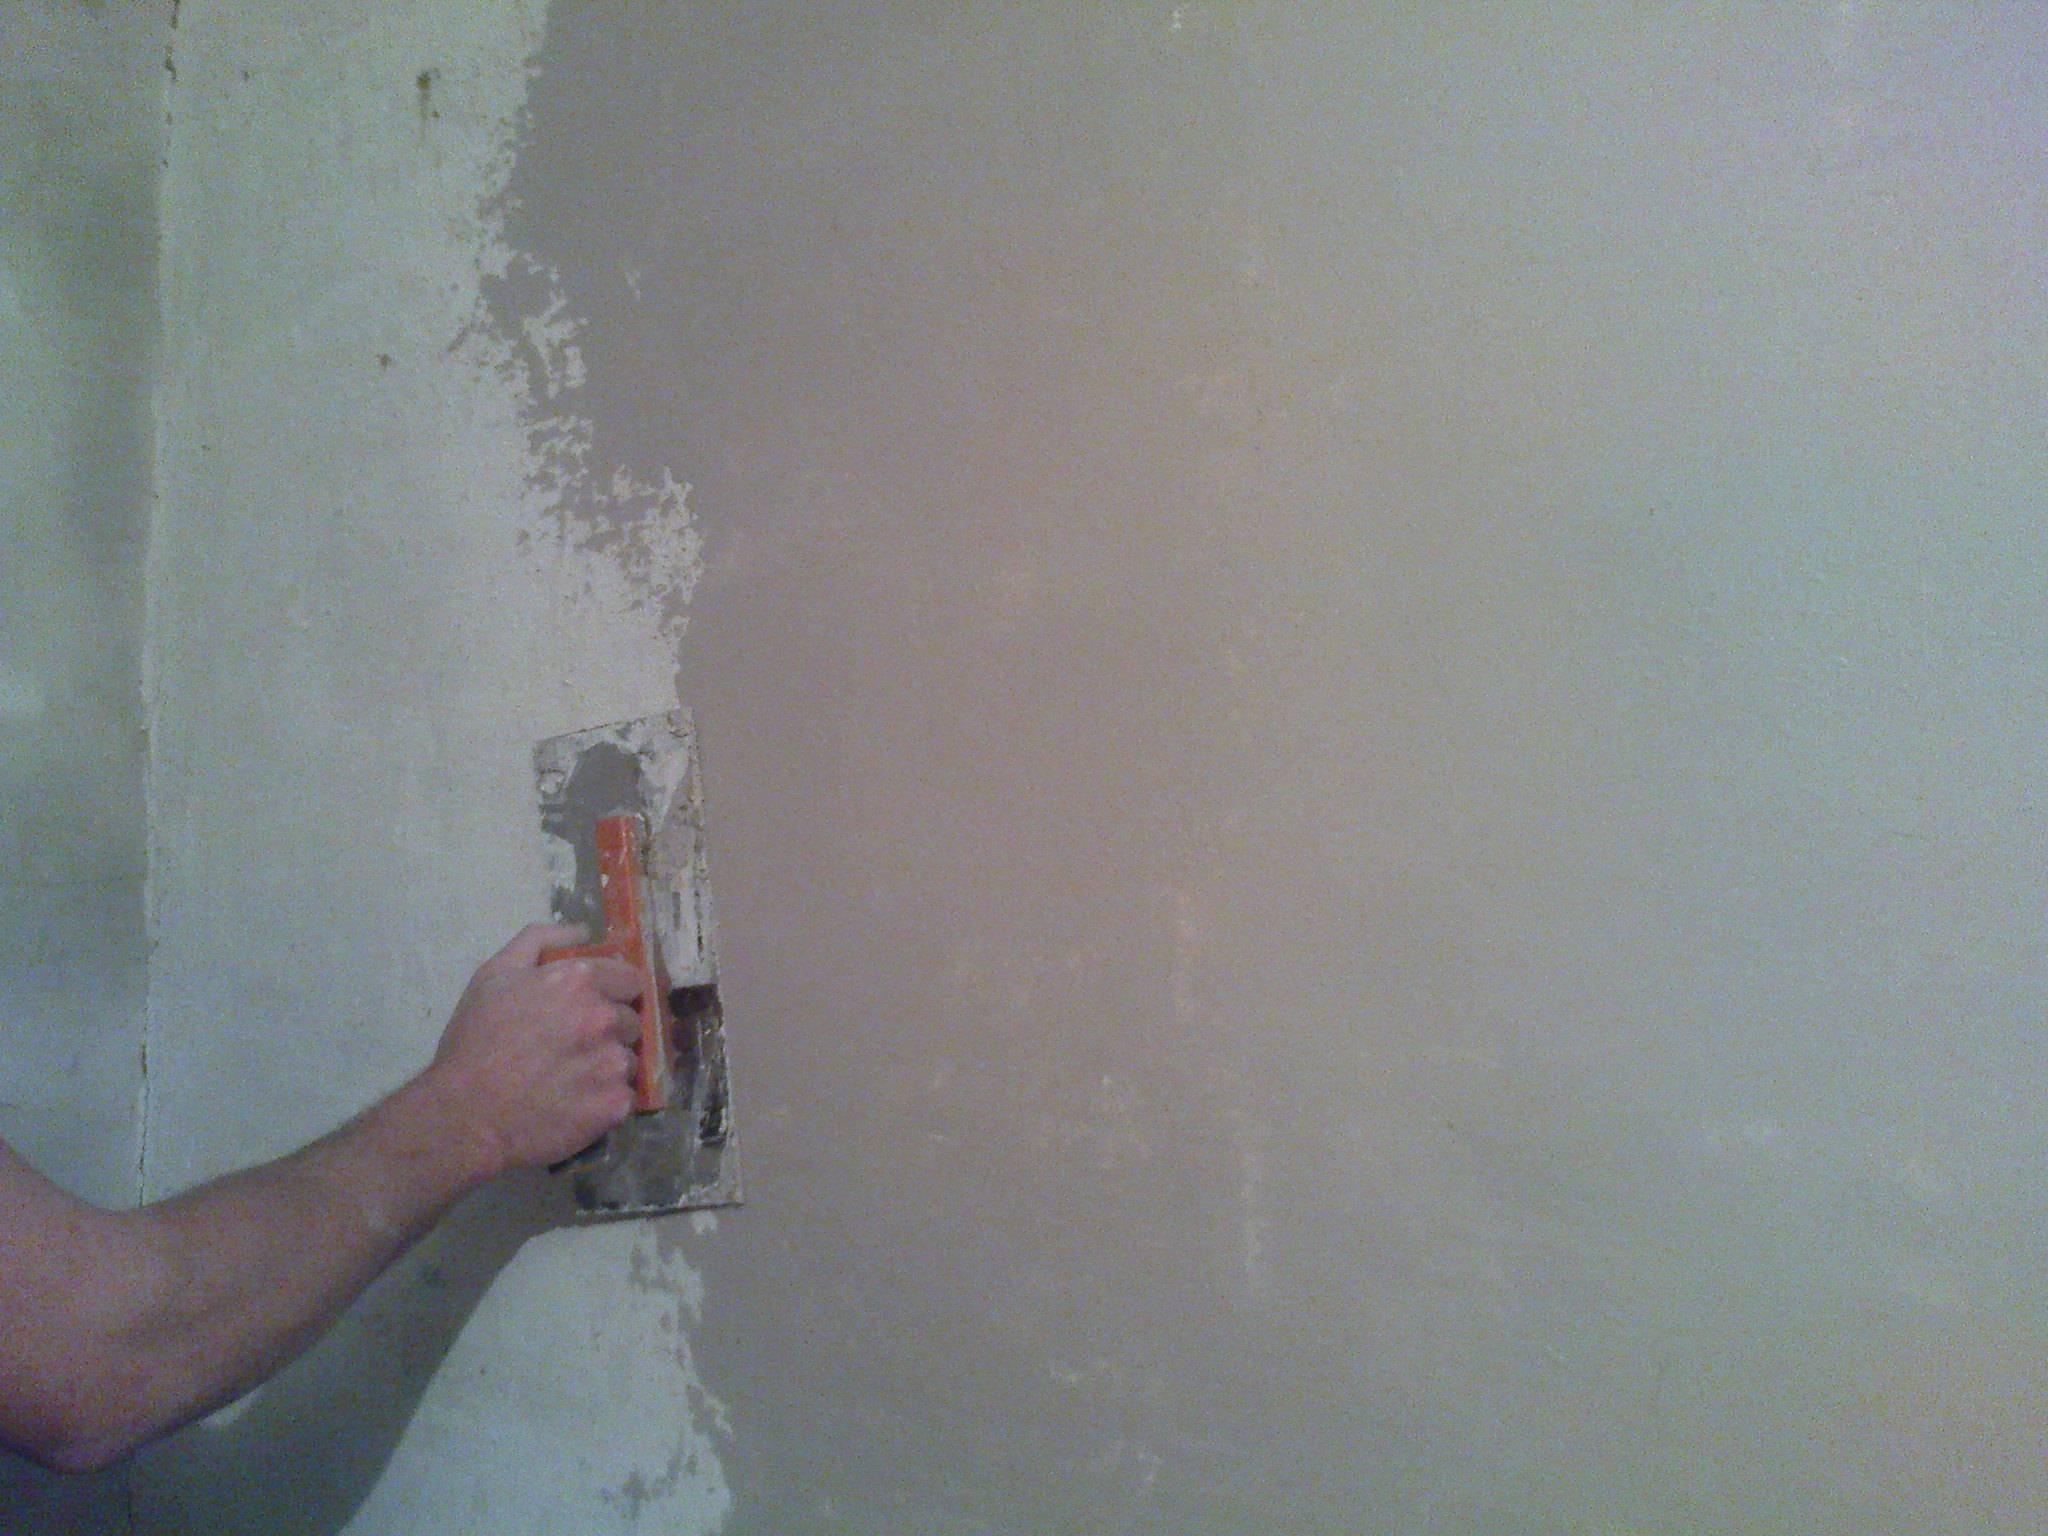 Выравниваем потолок своими руками: шпаклевка потолка под покраску